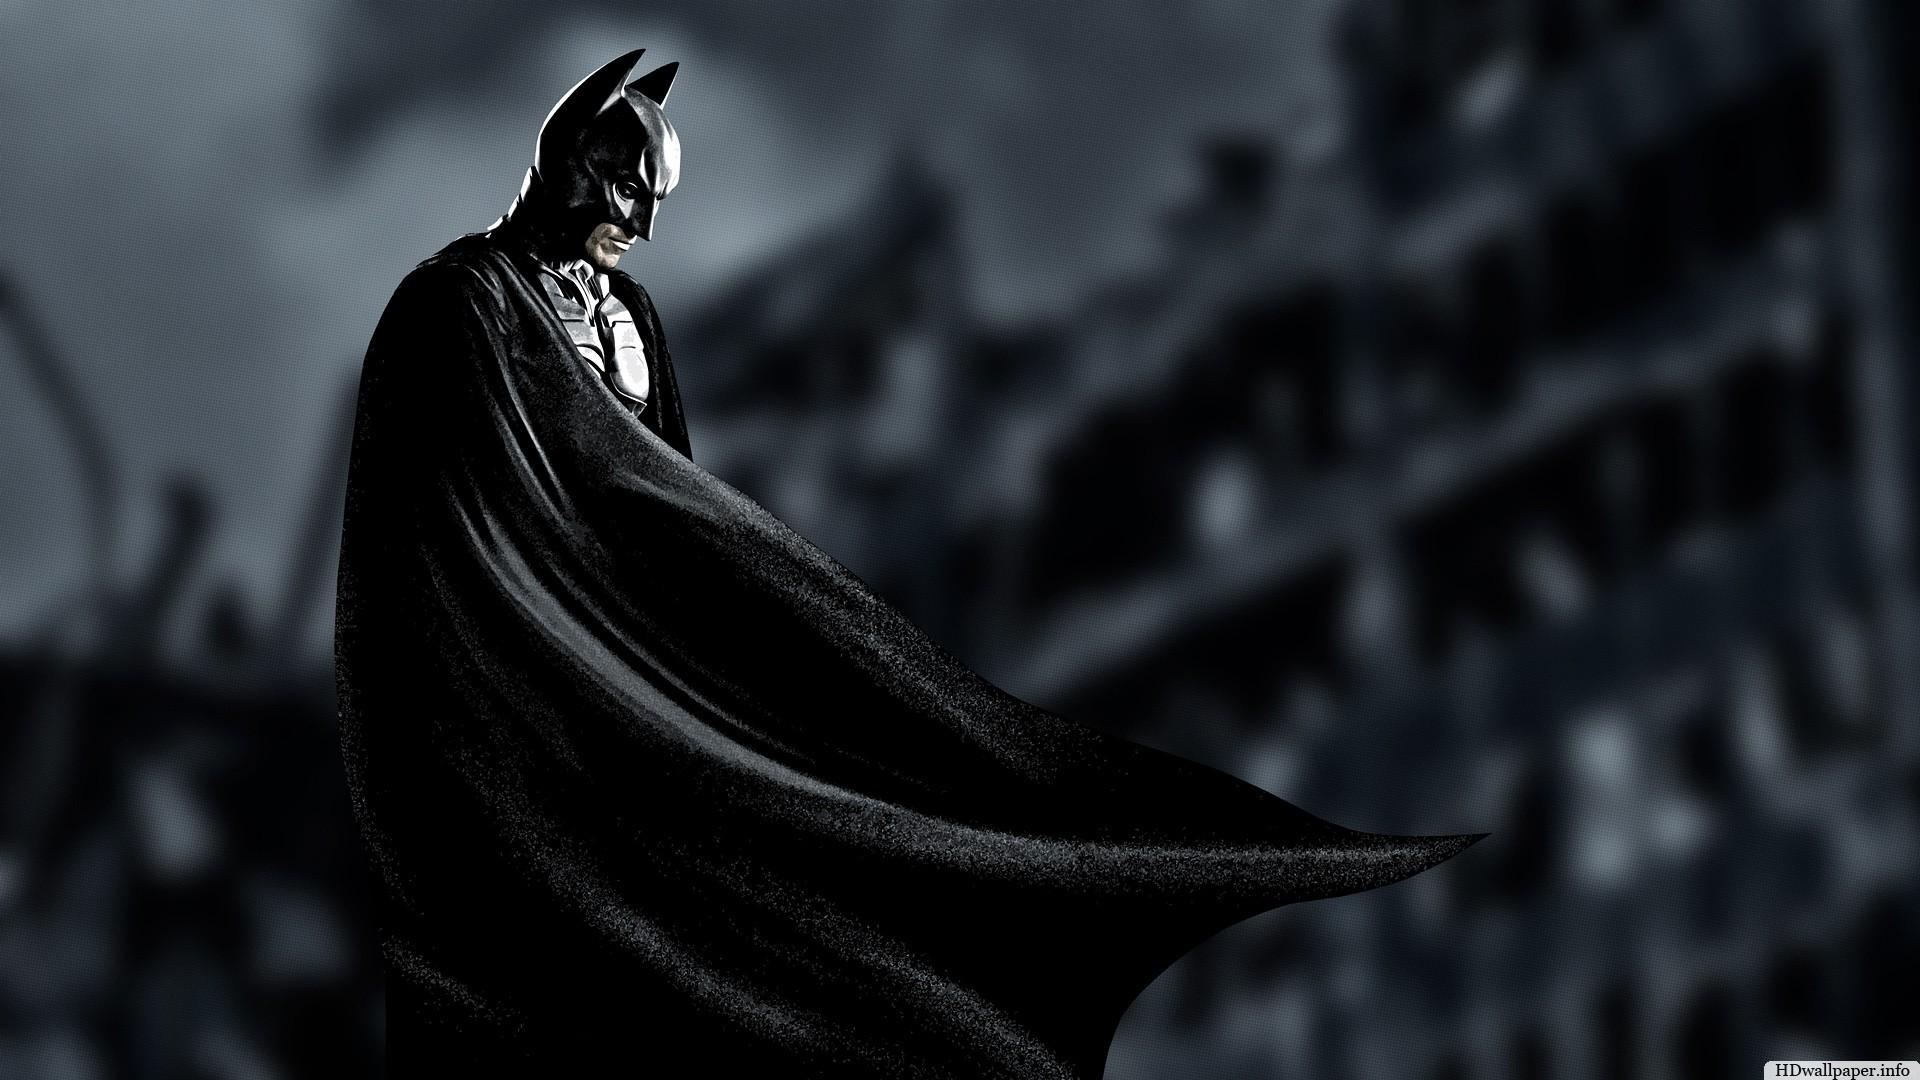 Batman Begins Wallpaper Hd 77 Images